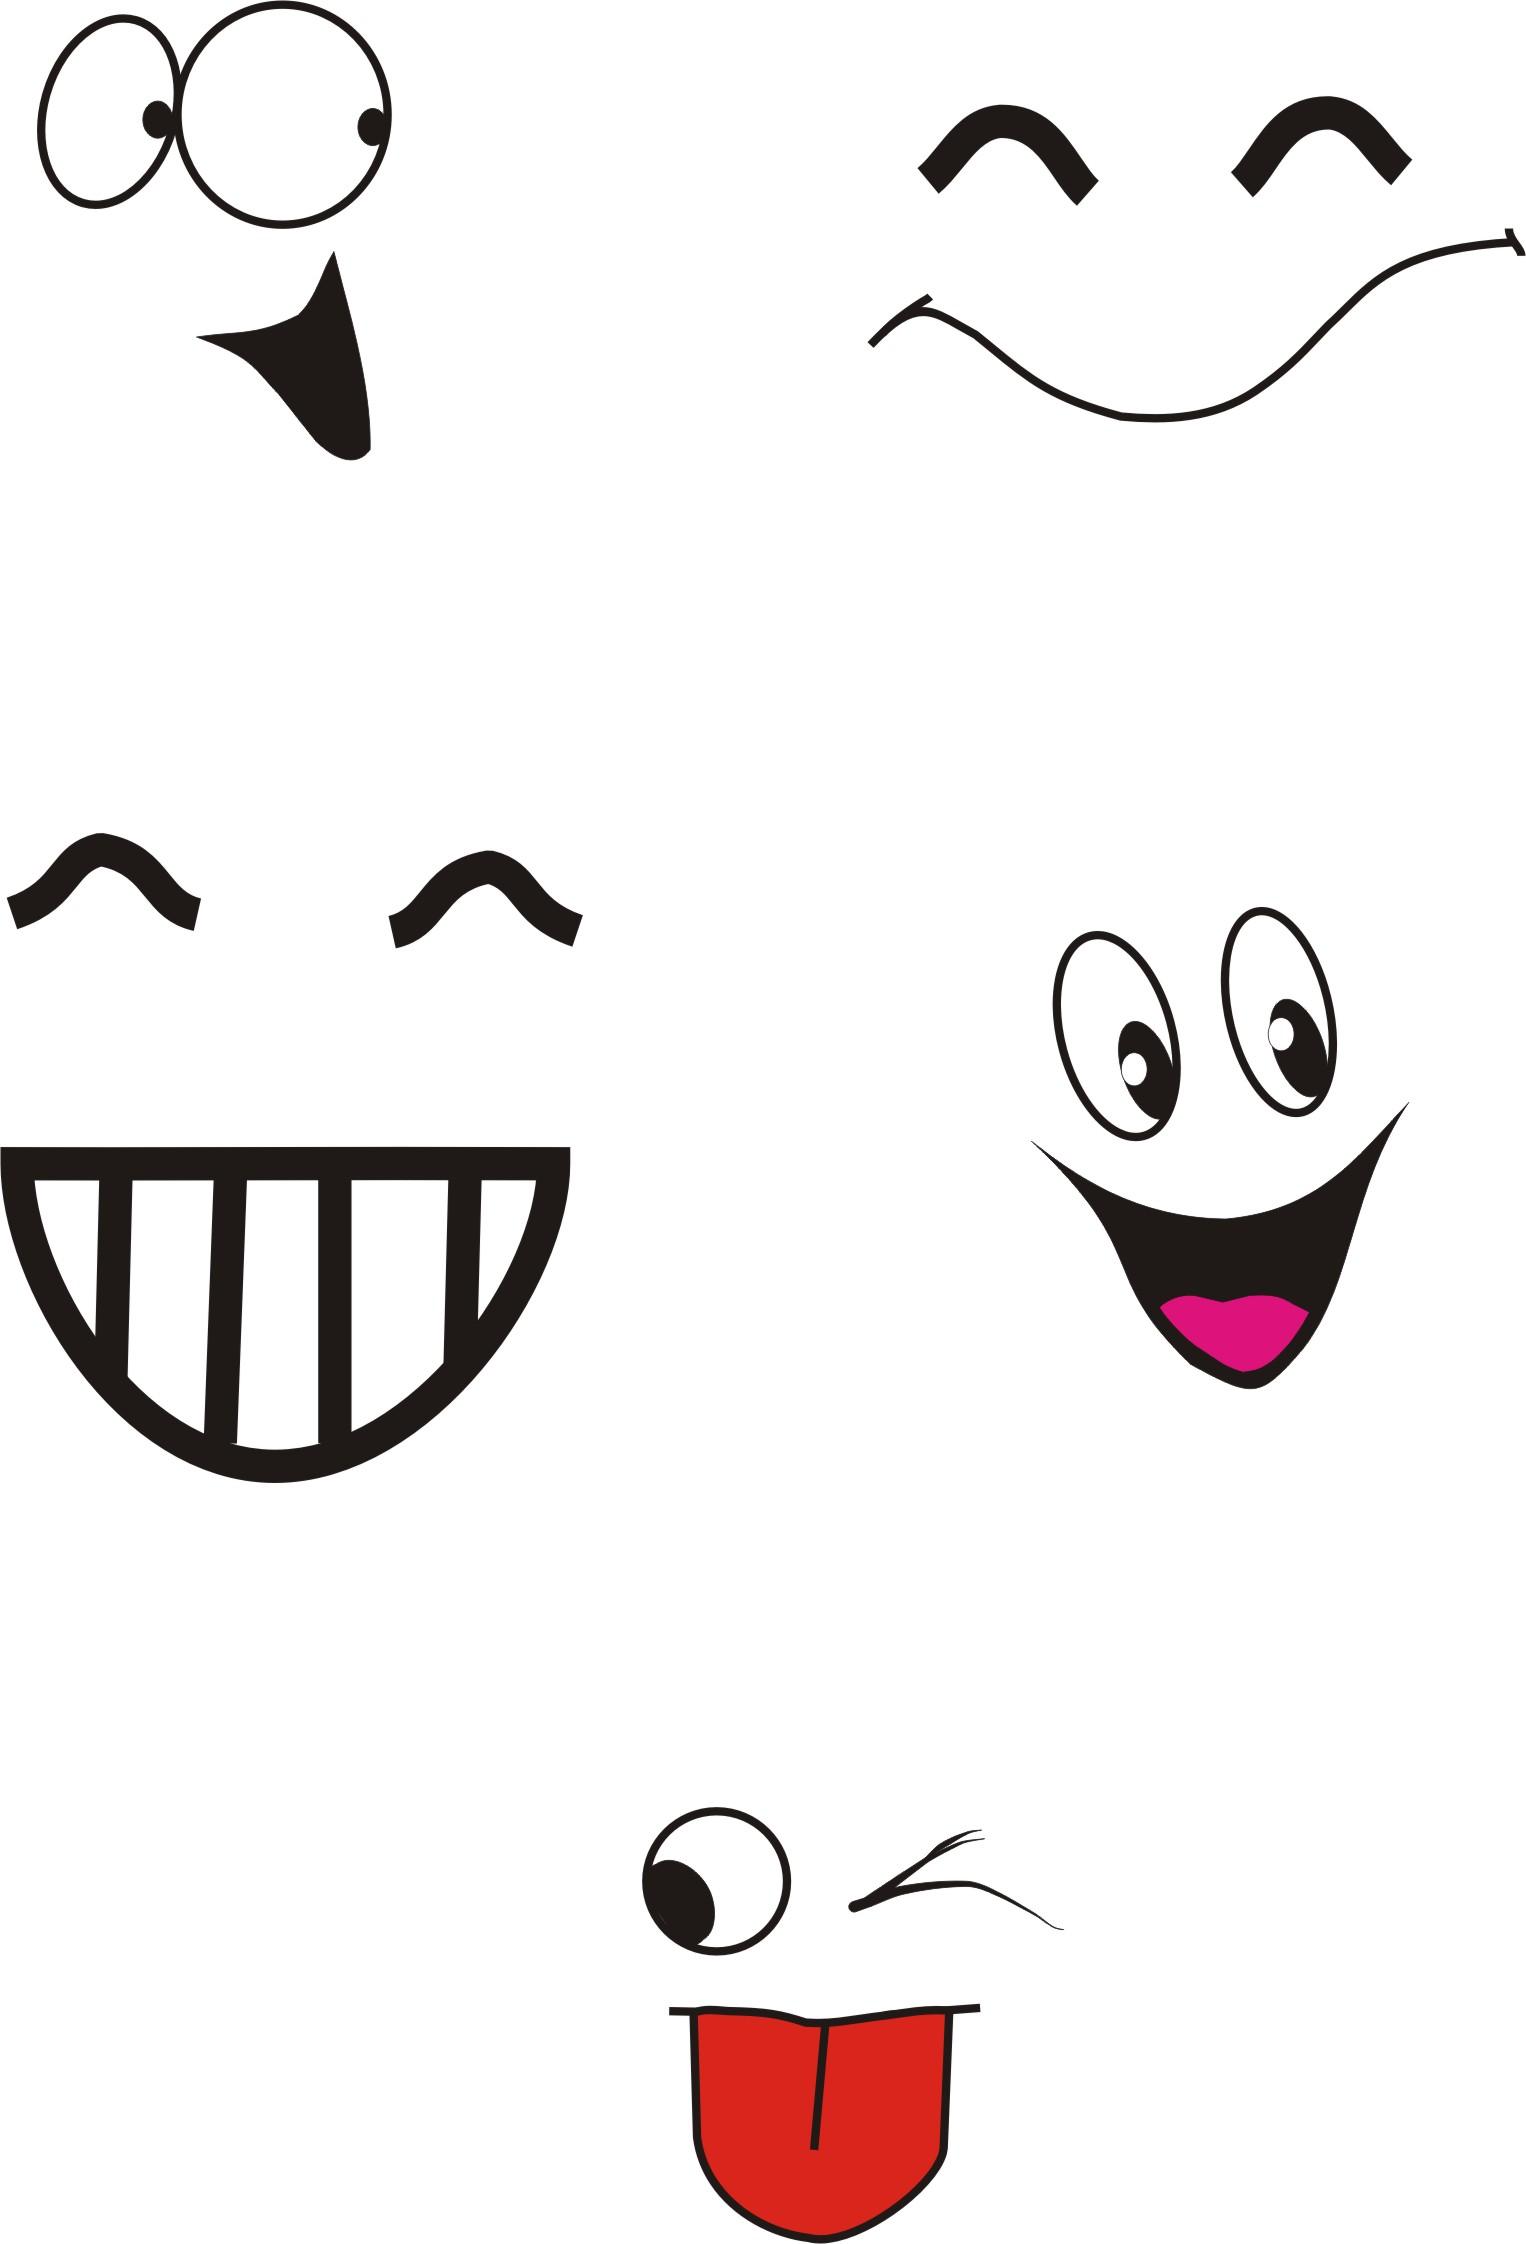 表情 简笔画笑脸哭脸表情,简笔画笑脸哭脸图片,简笔画笑脸,幼儿简笔画笑脸,  表情